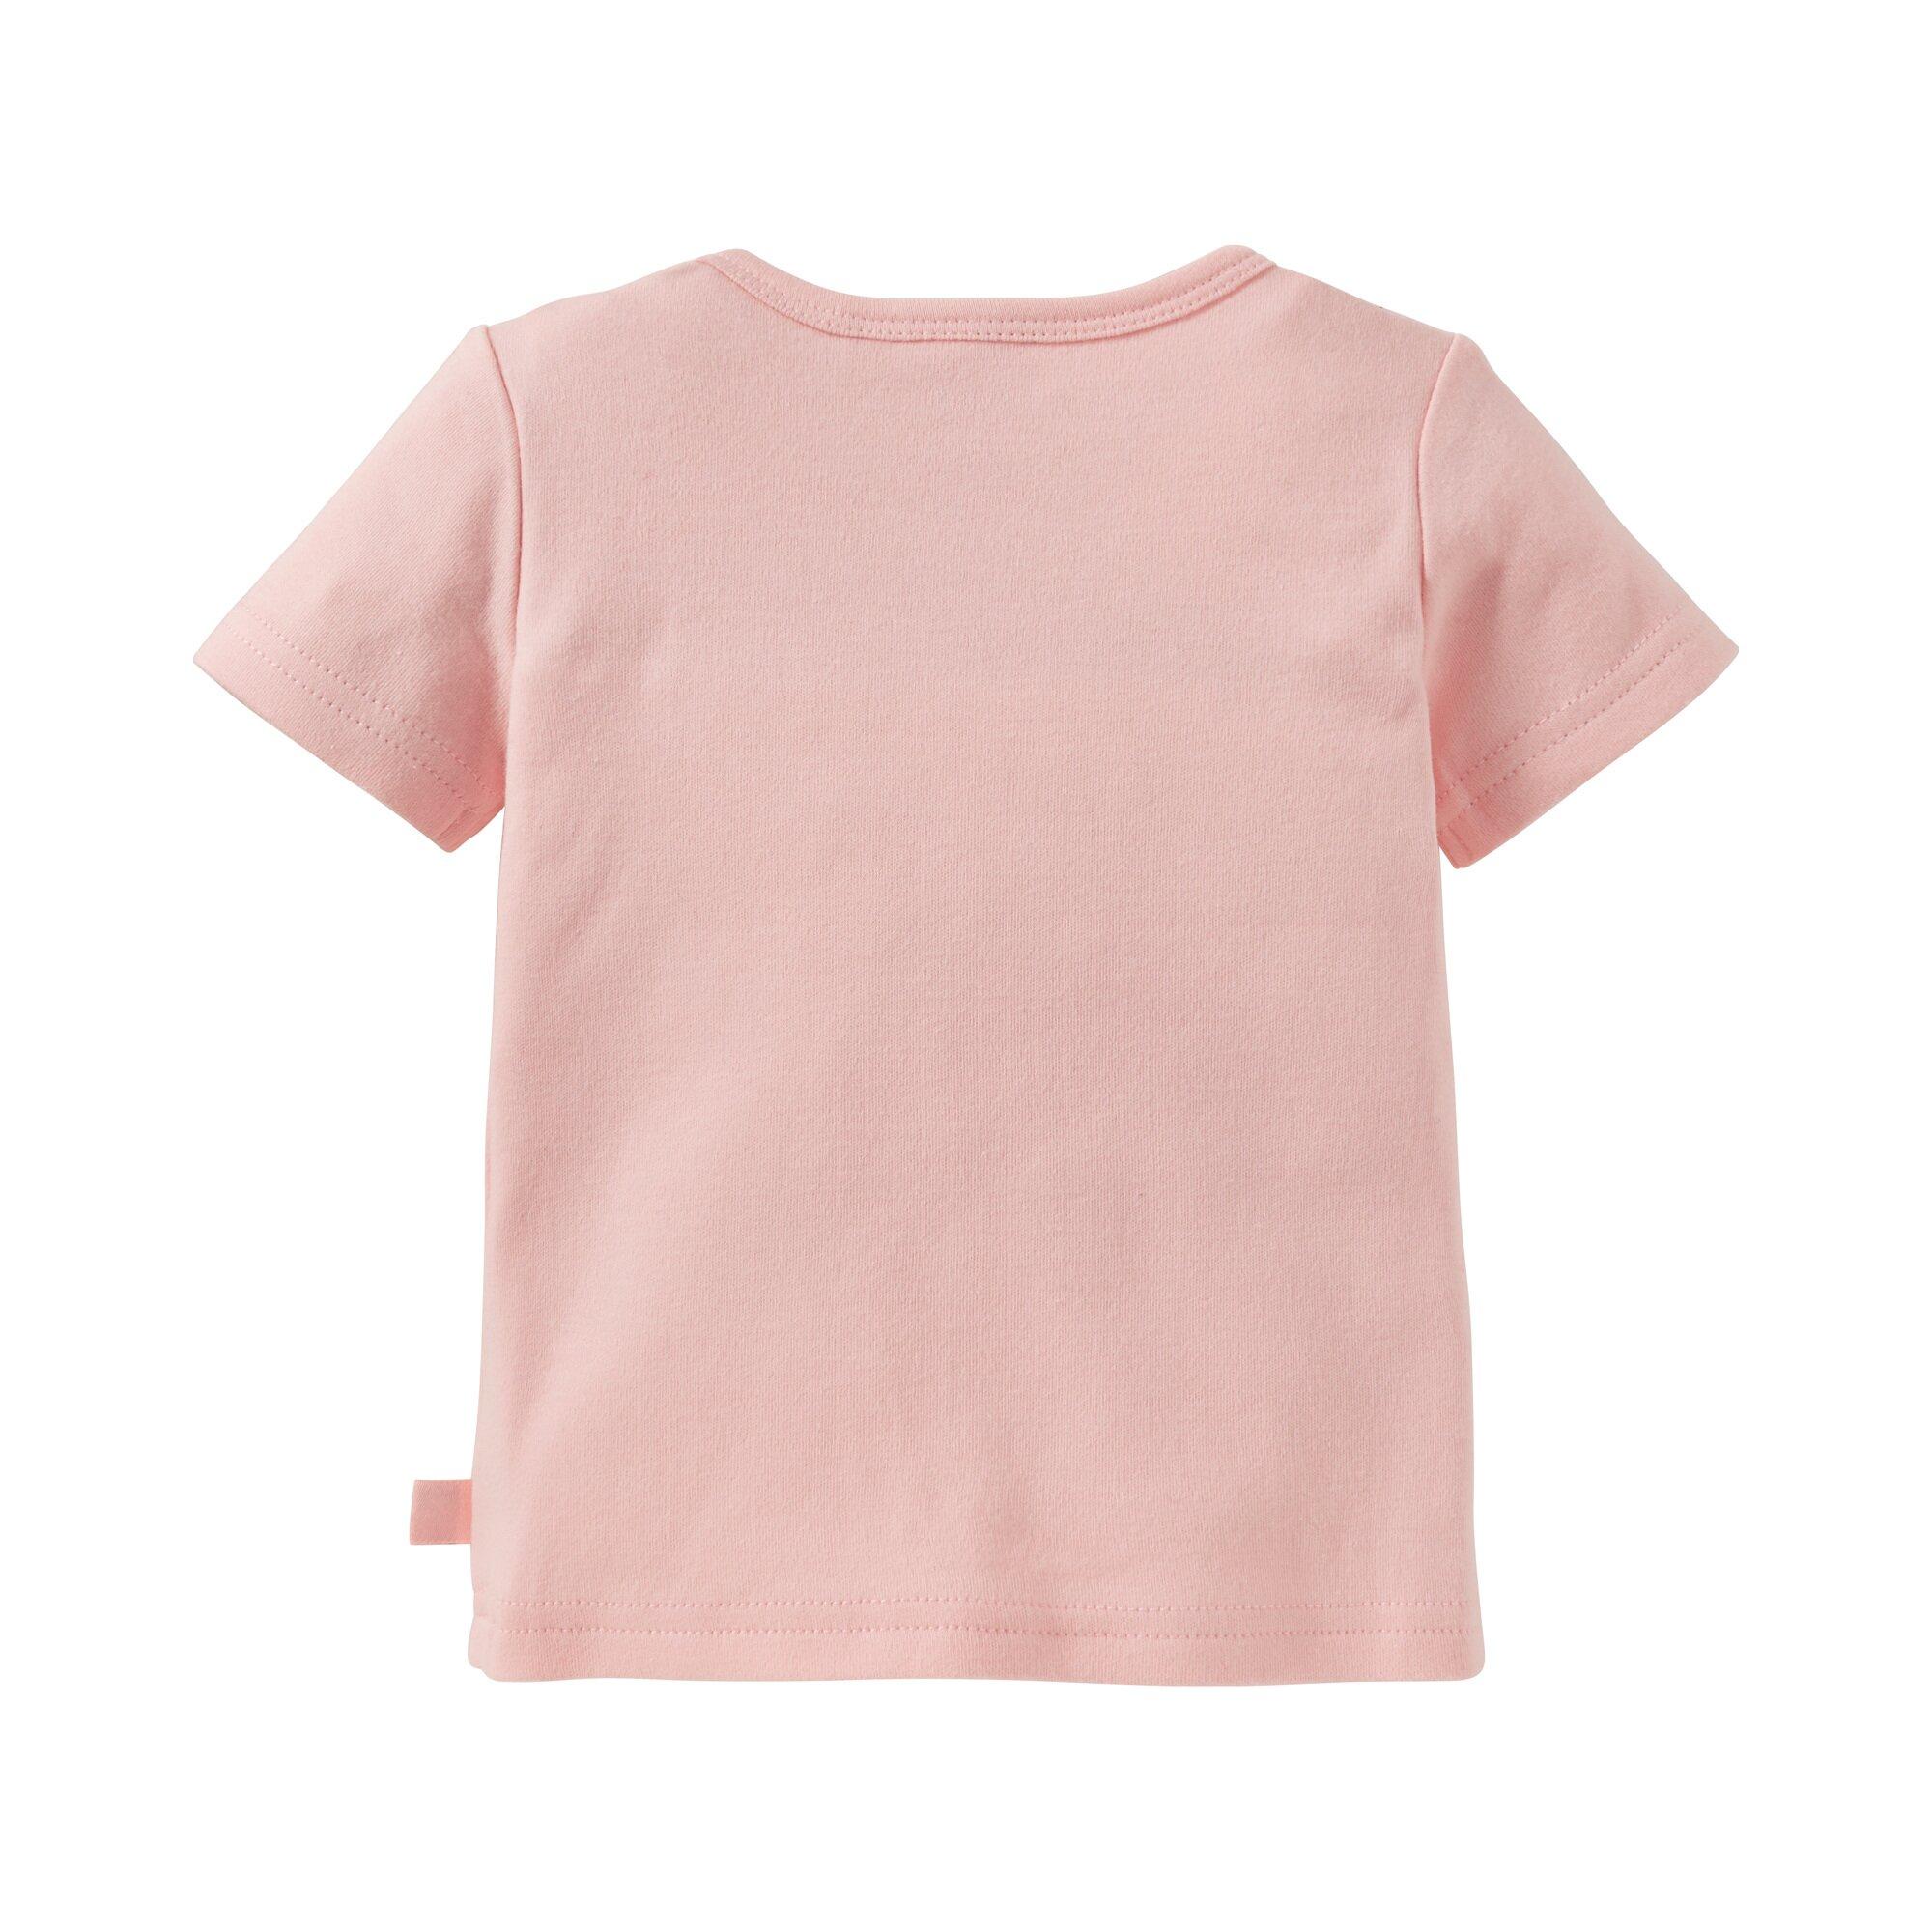 ladybug-t-shirt-ladybug